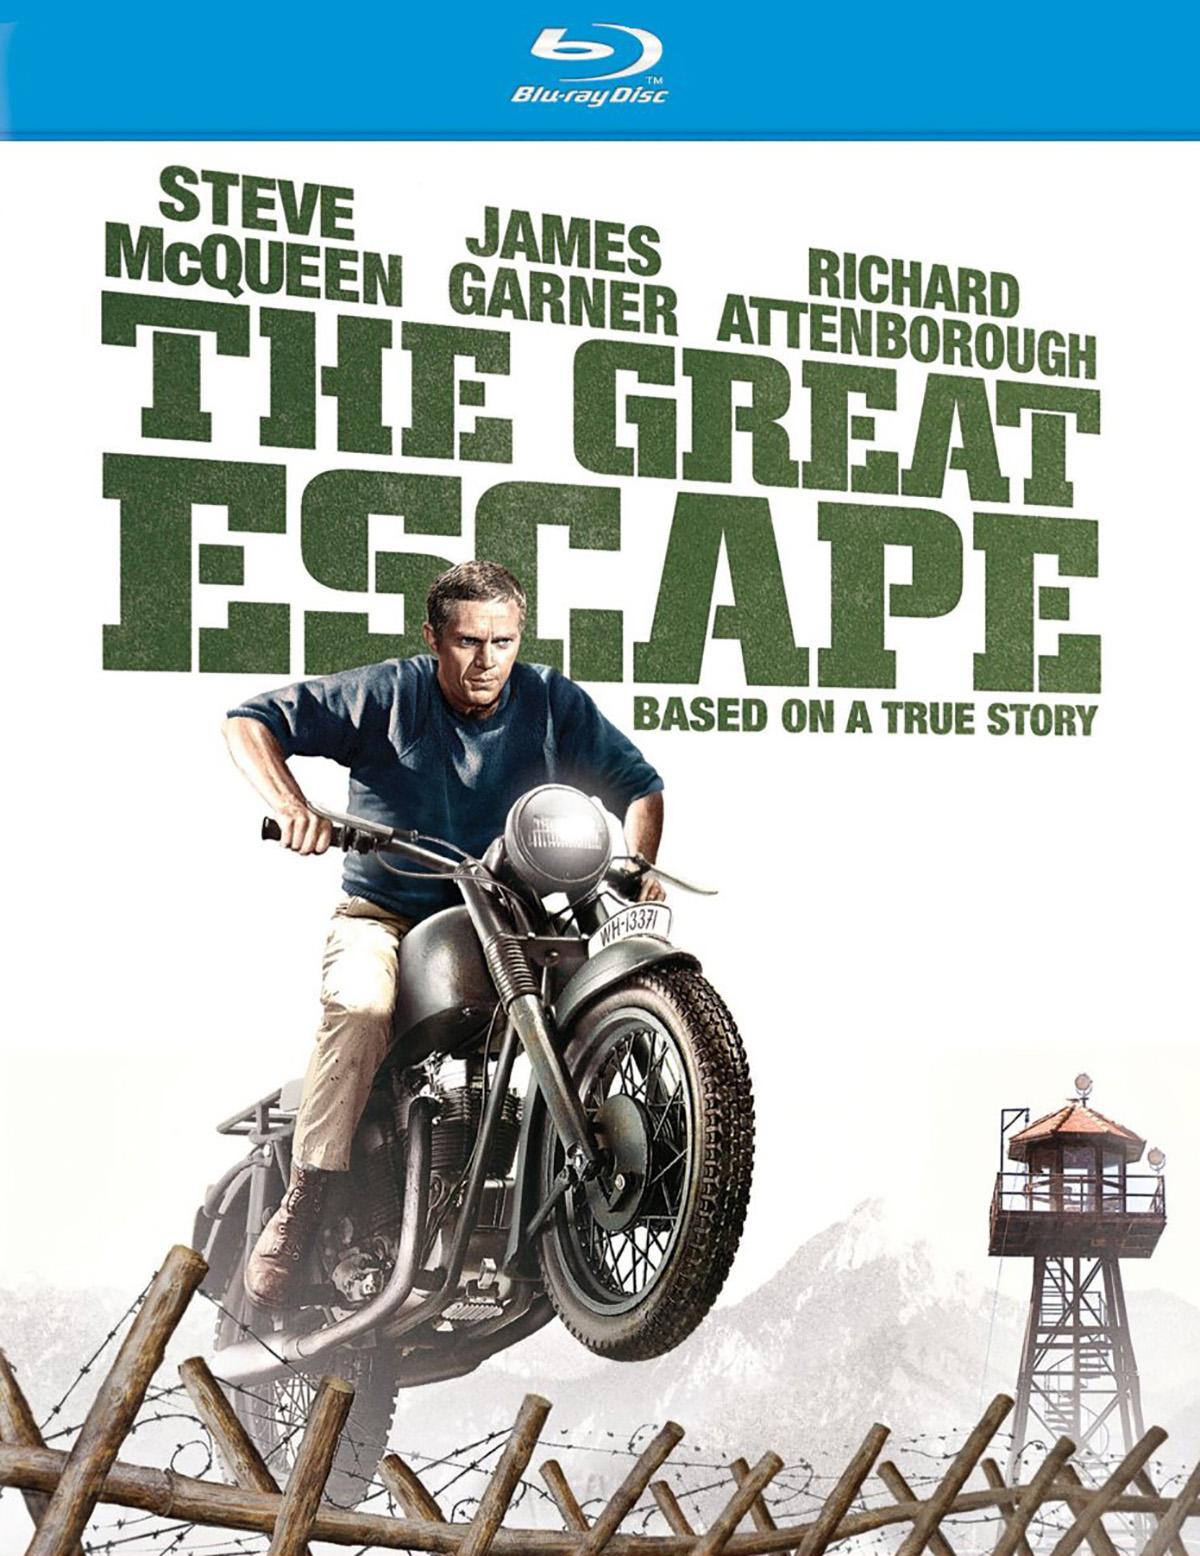 Steve McQueen Great Escape Bike POSTER Field